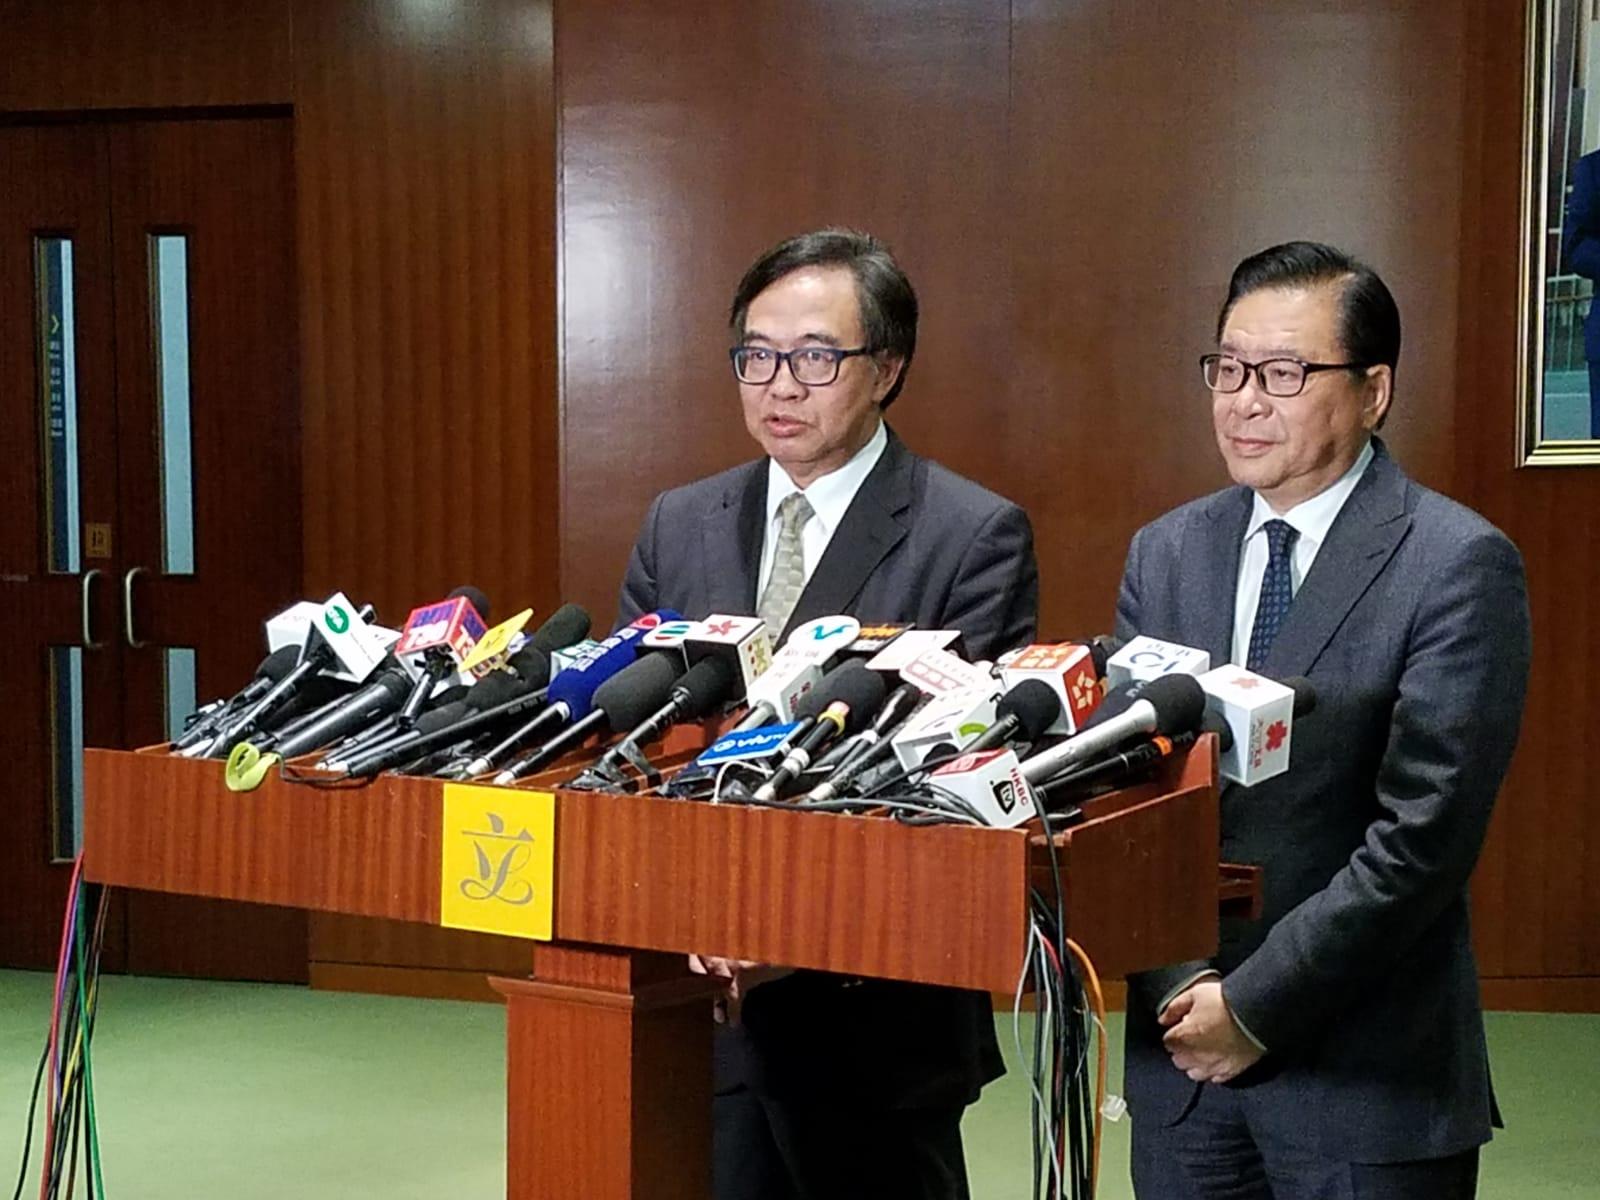 盧偉國(左)認為現階段應擴大調查委員會的職權範圍。